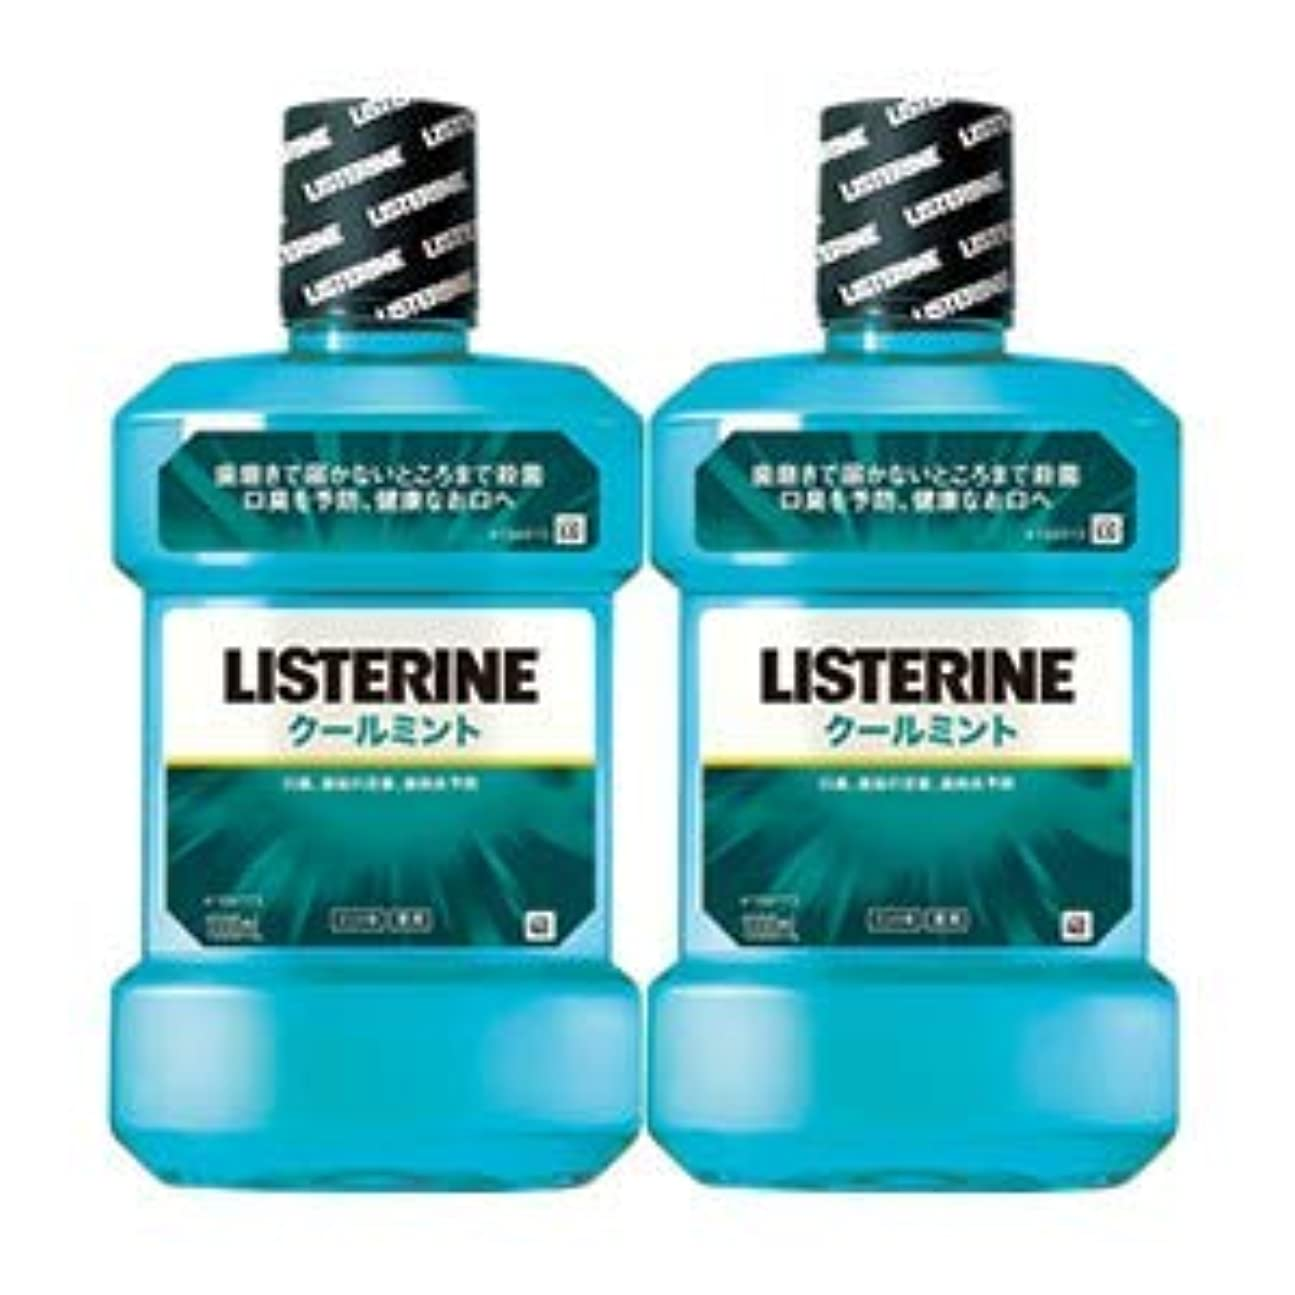 長さ滅びるギャロップ薬用リステリン クールミント (マウスウォッシュ/洗口液) 1000mL×2本セット